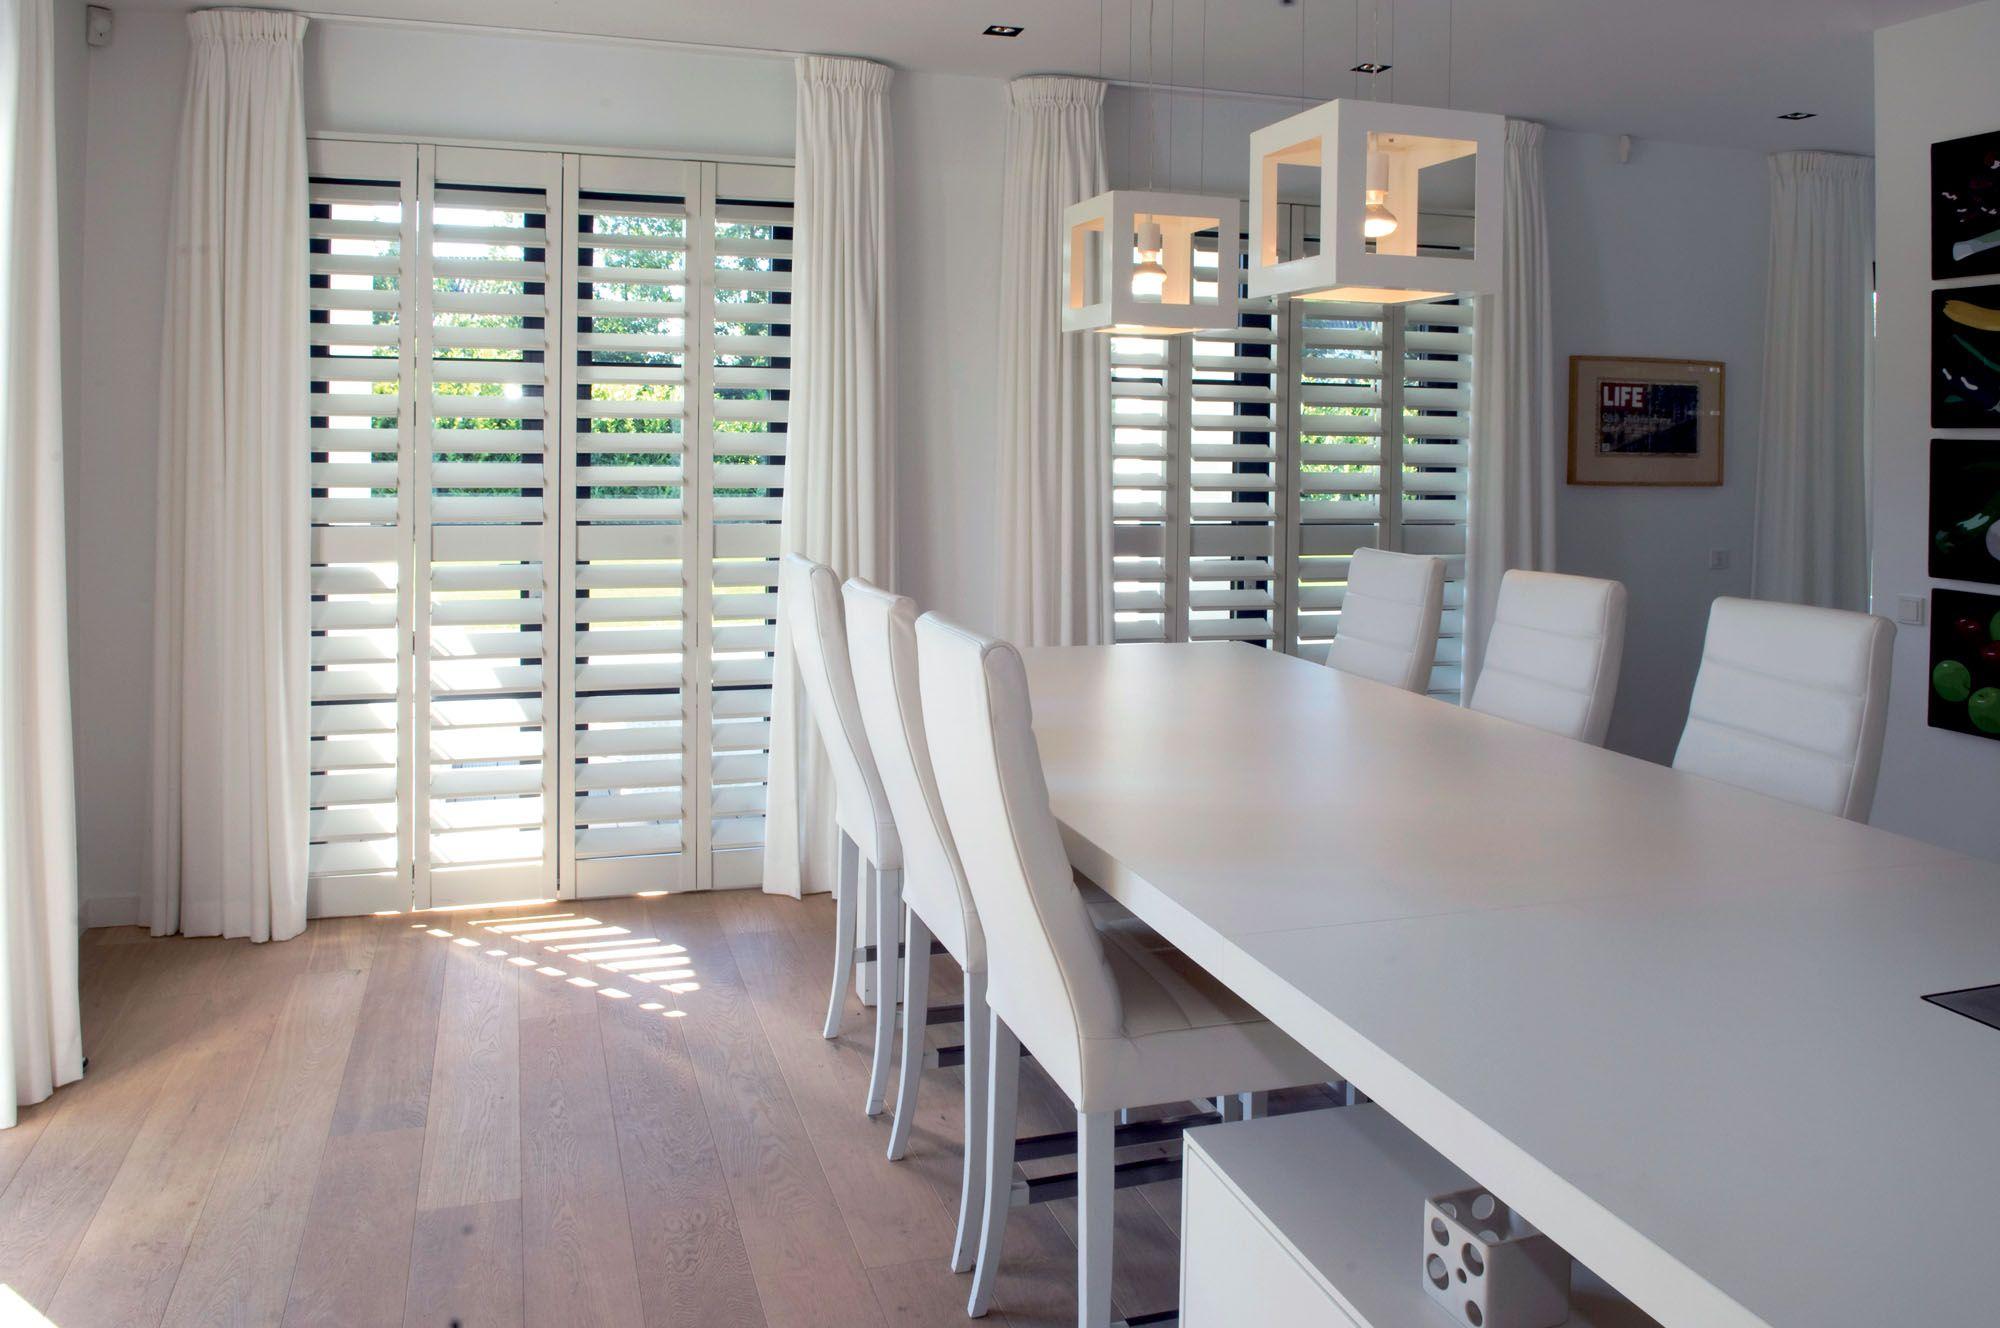 Shutters Openslaande Deuren : Shutters voor tuindeuren shutters house shutters